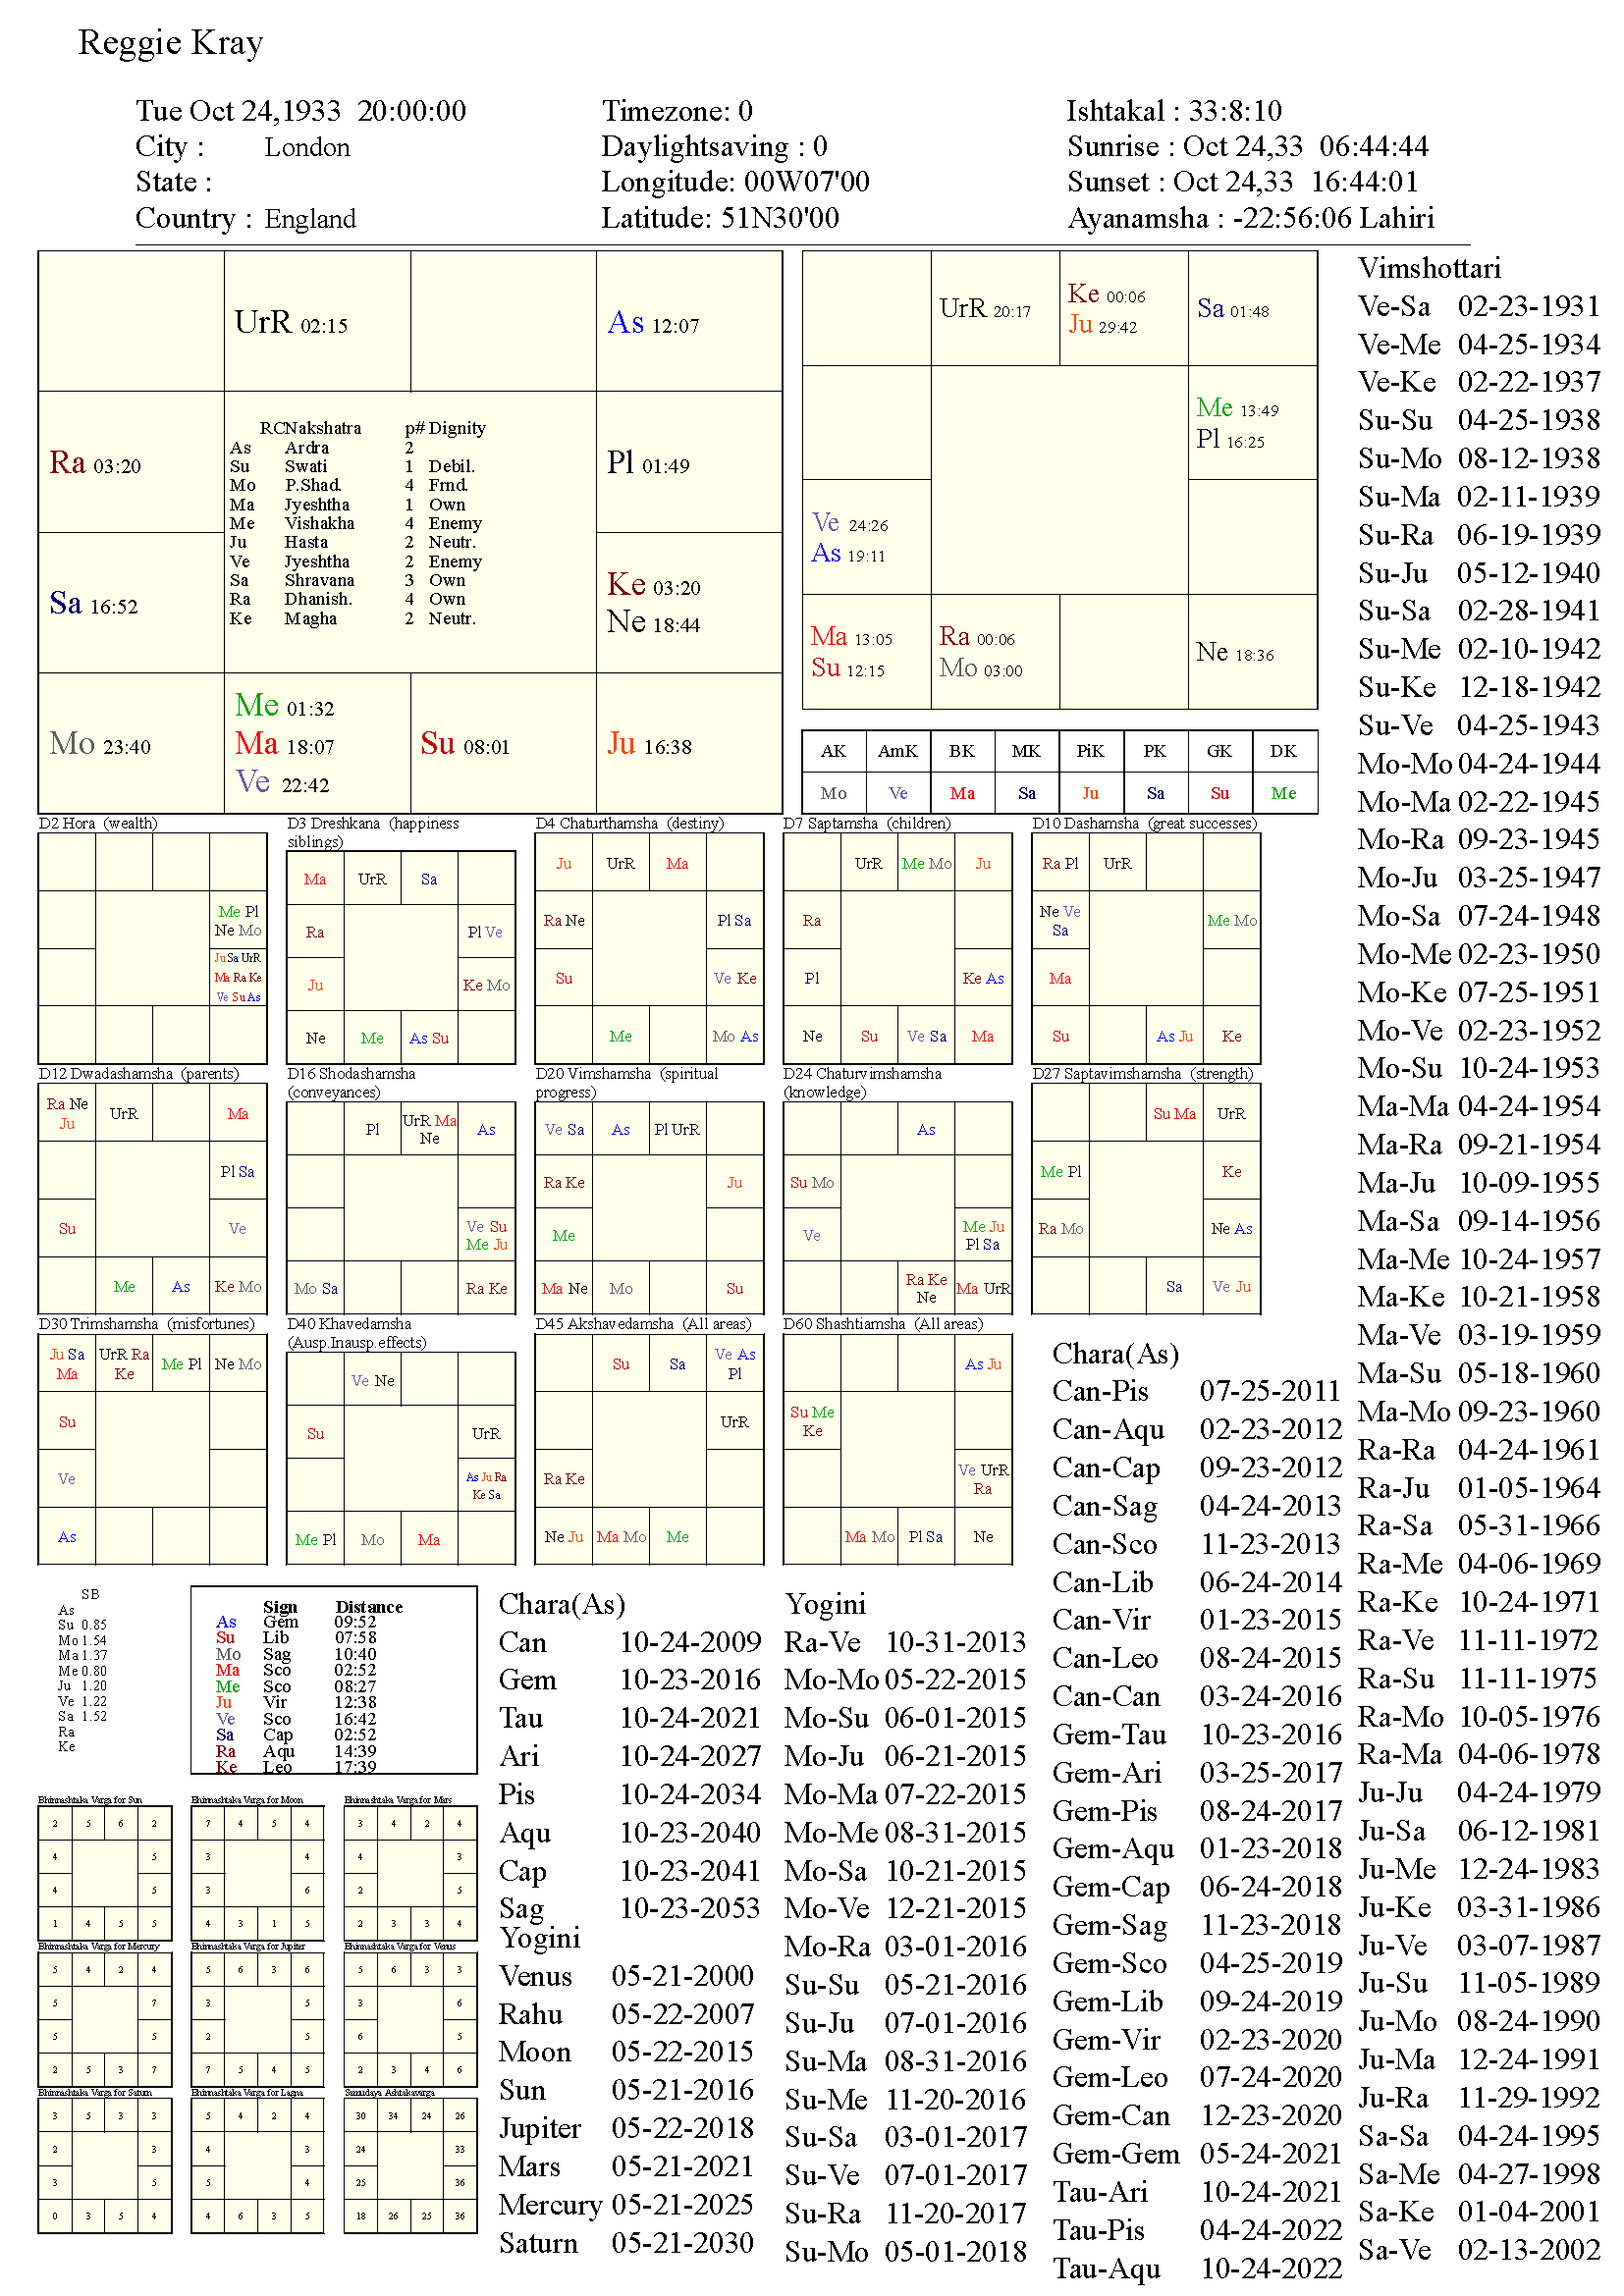 reggiekray_chart